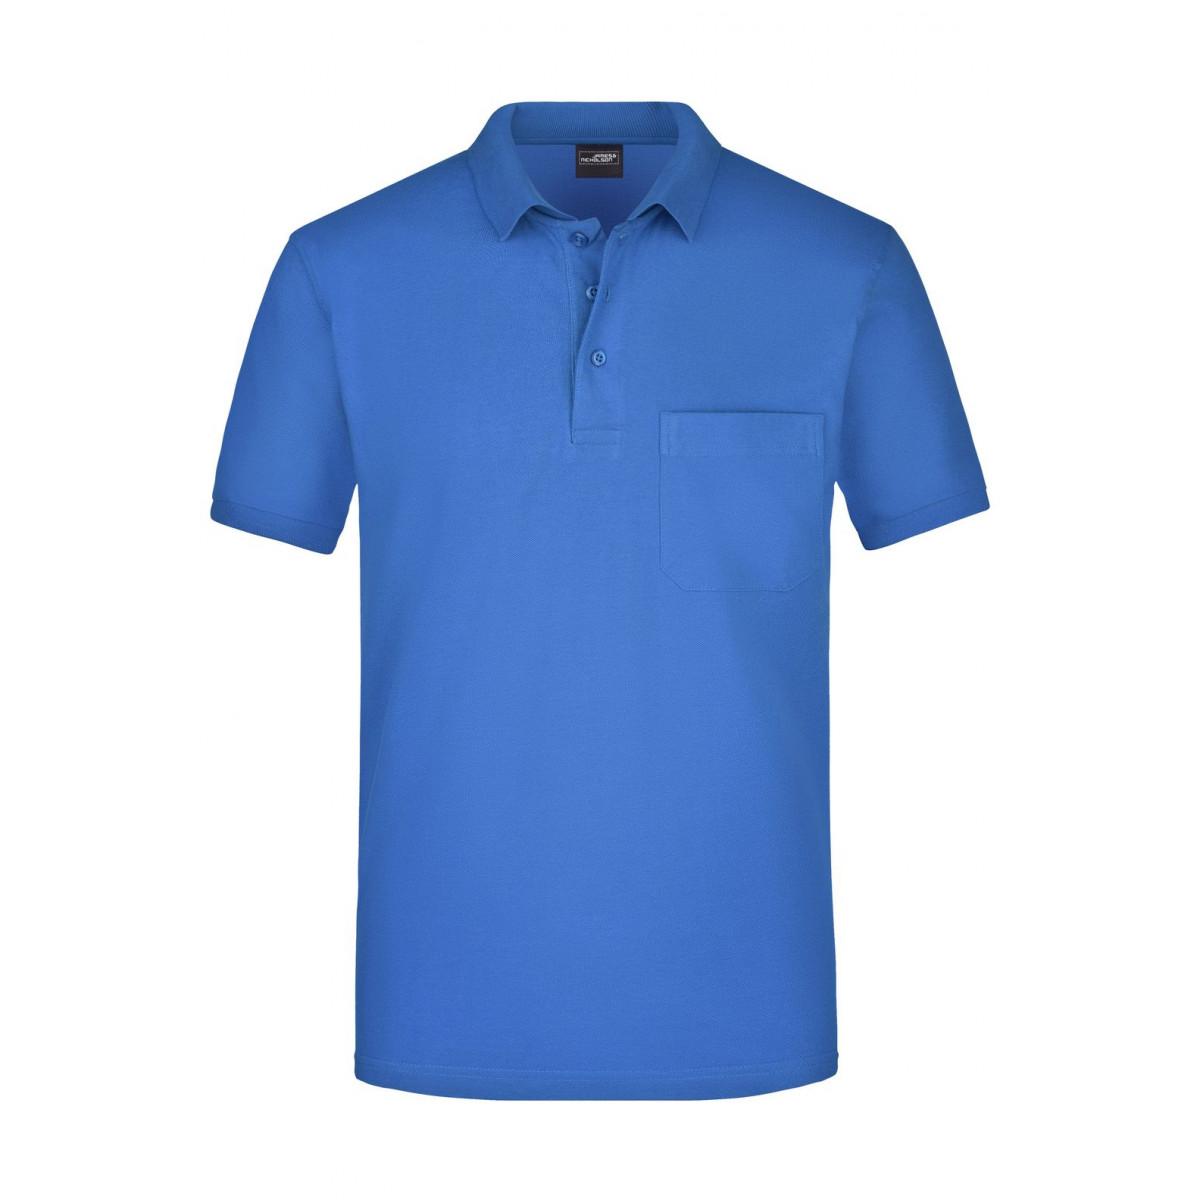 Рубашка поло мужская JN922 Mens Polo Pocket - Ярко-синий